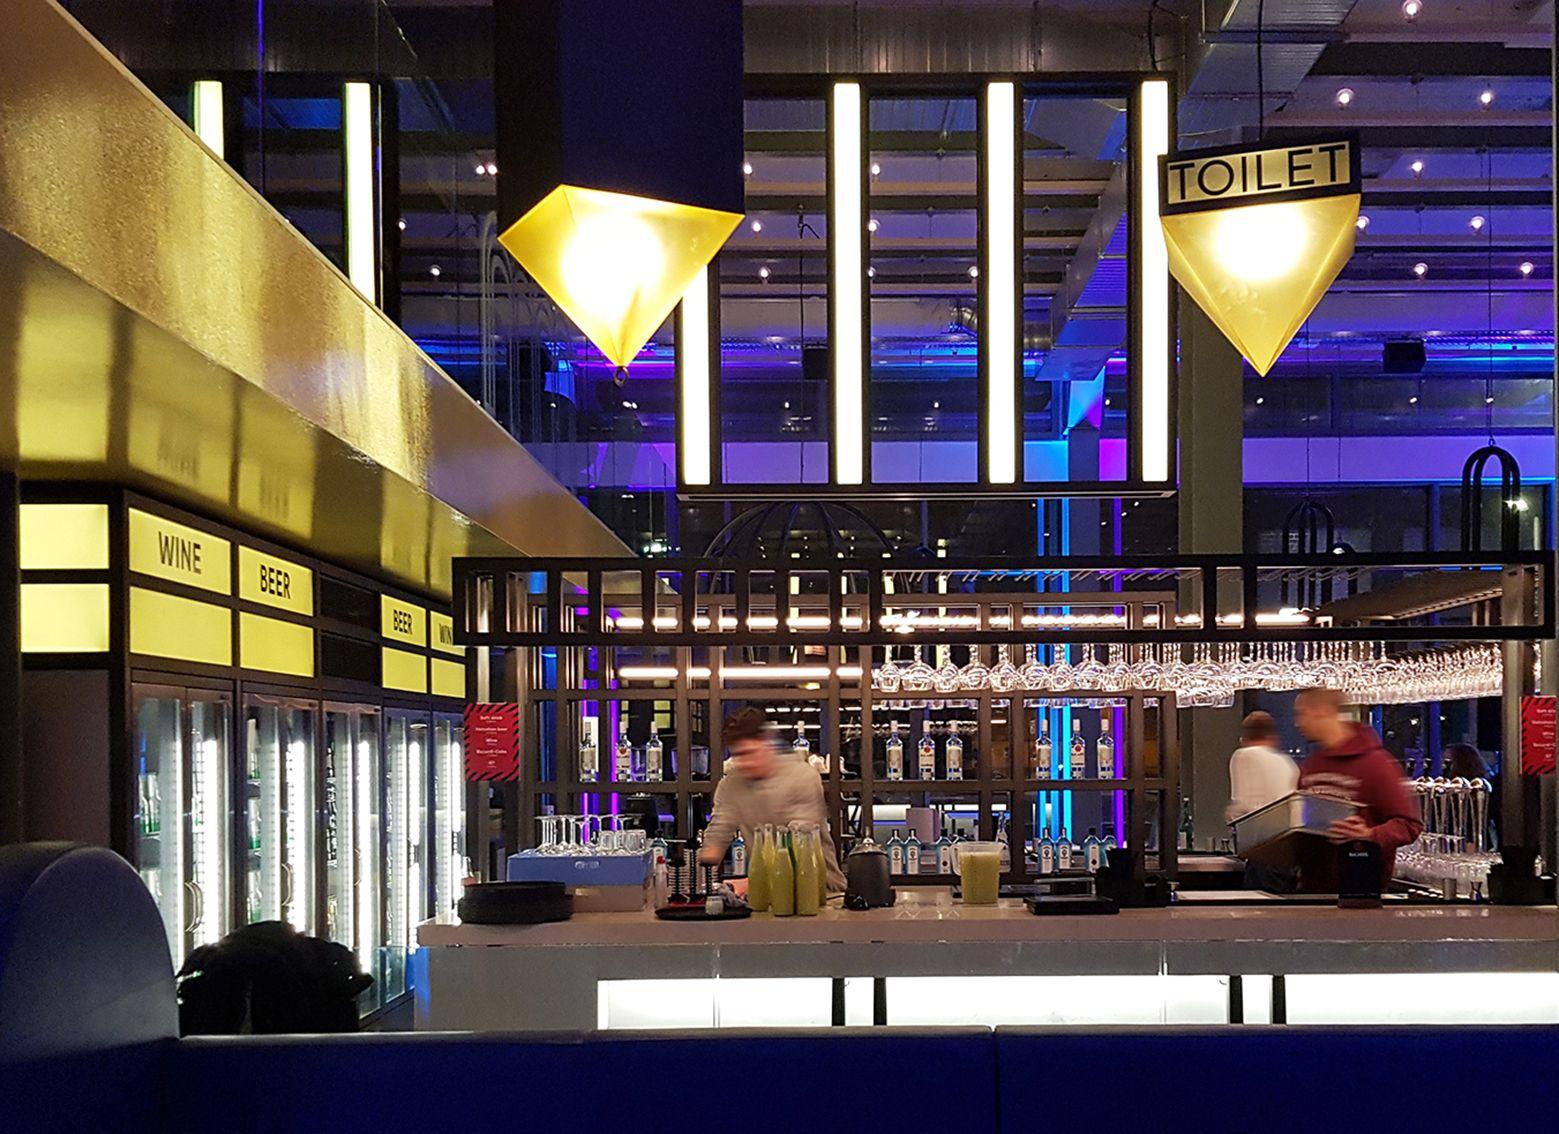 Verlichting bar, The Student Hotel in Maastricht